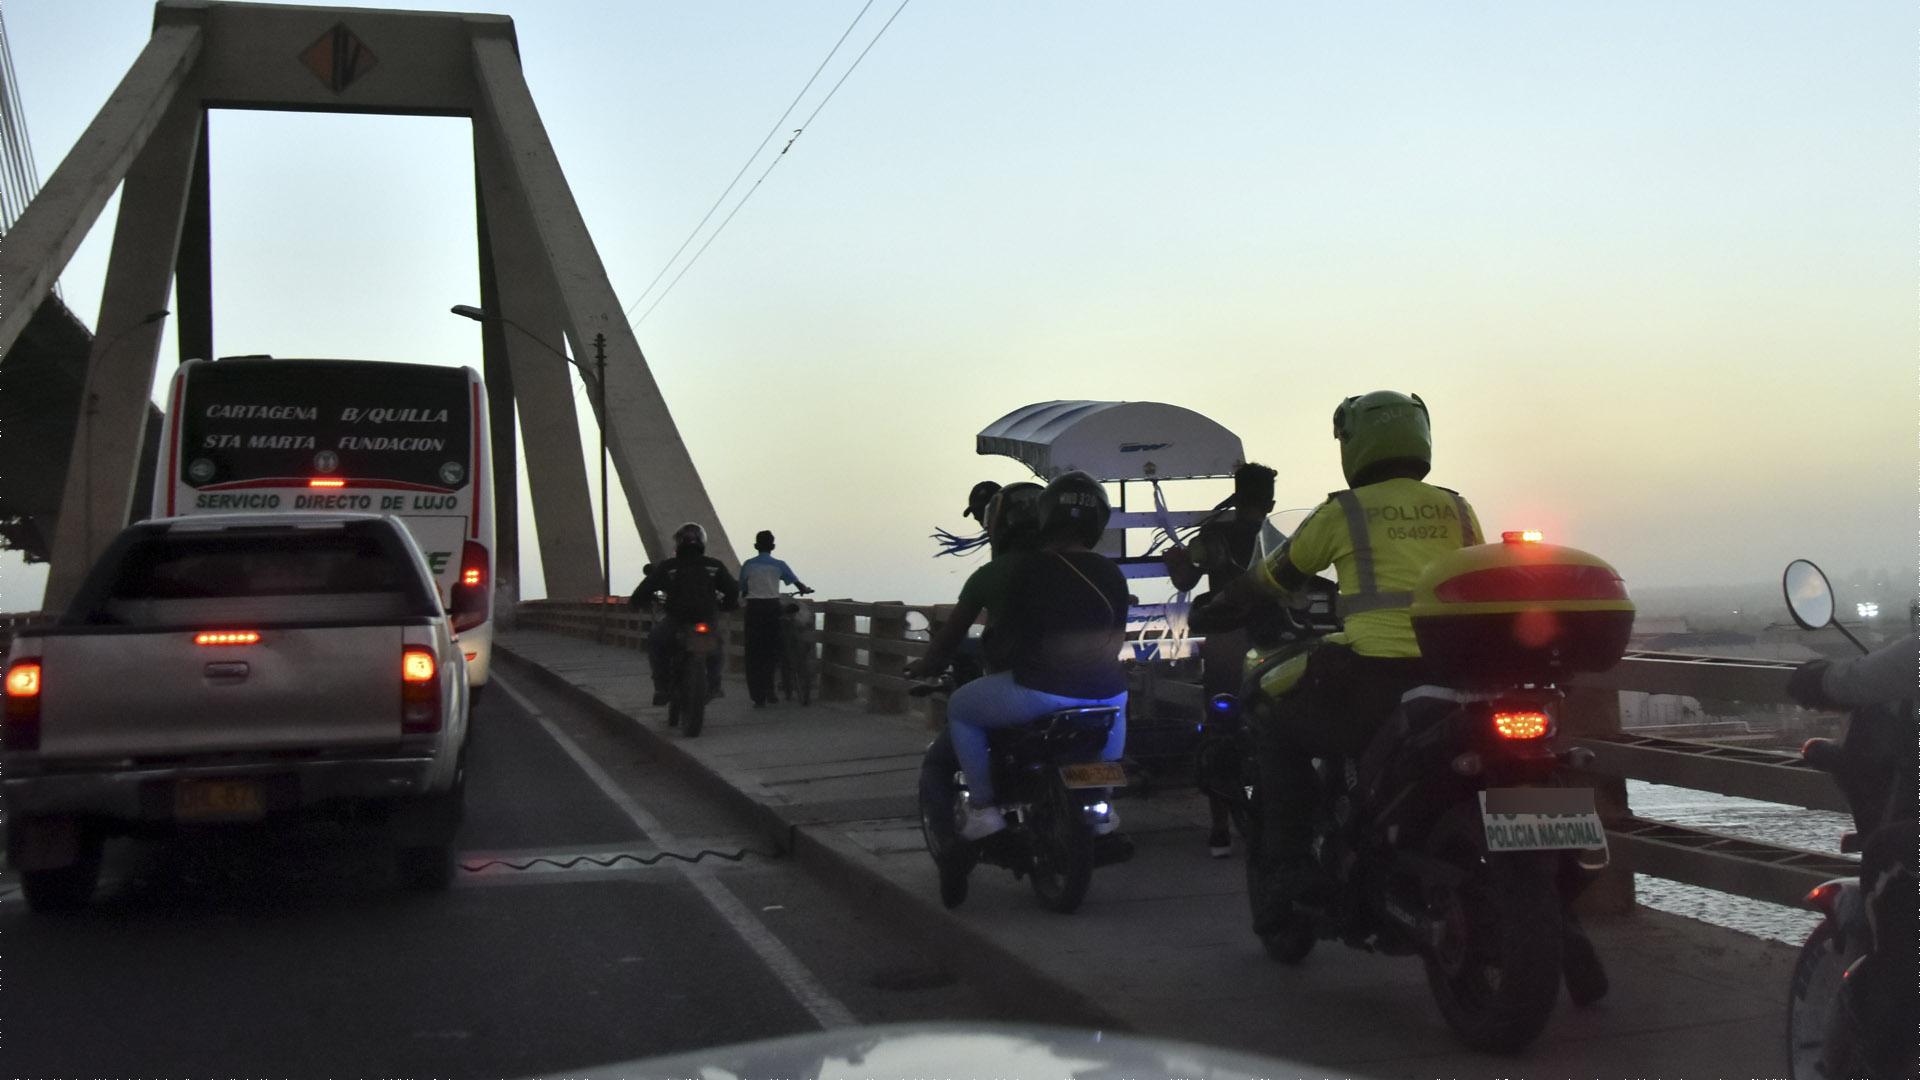 Motorizados cruzan por la zona peatonal del puente.